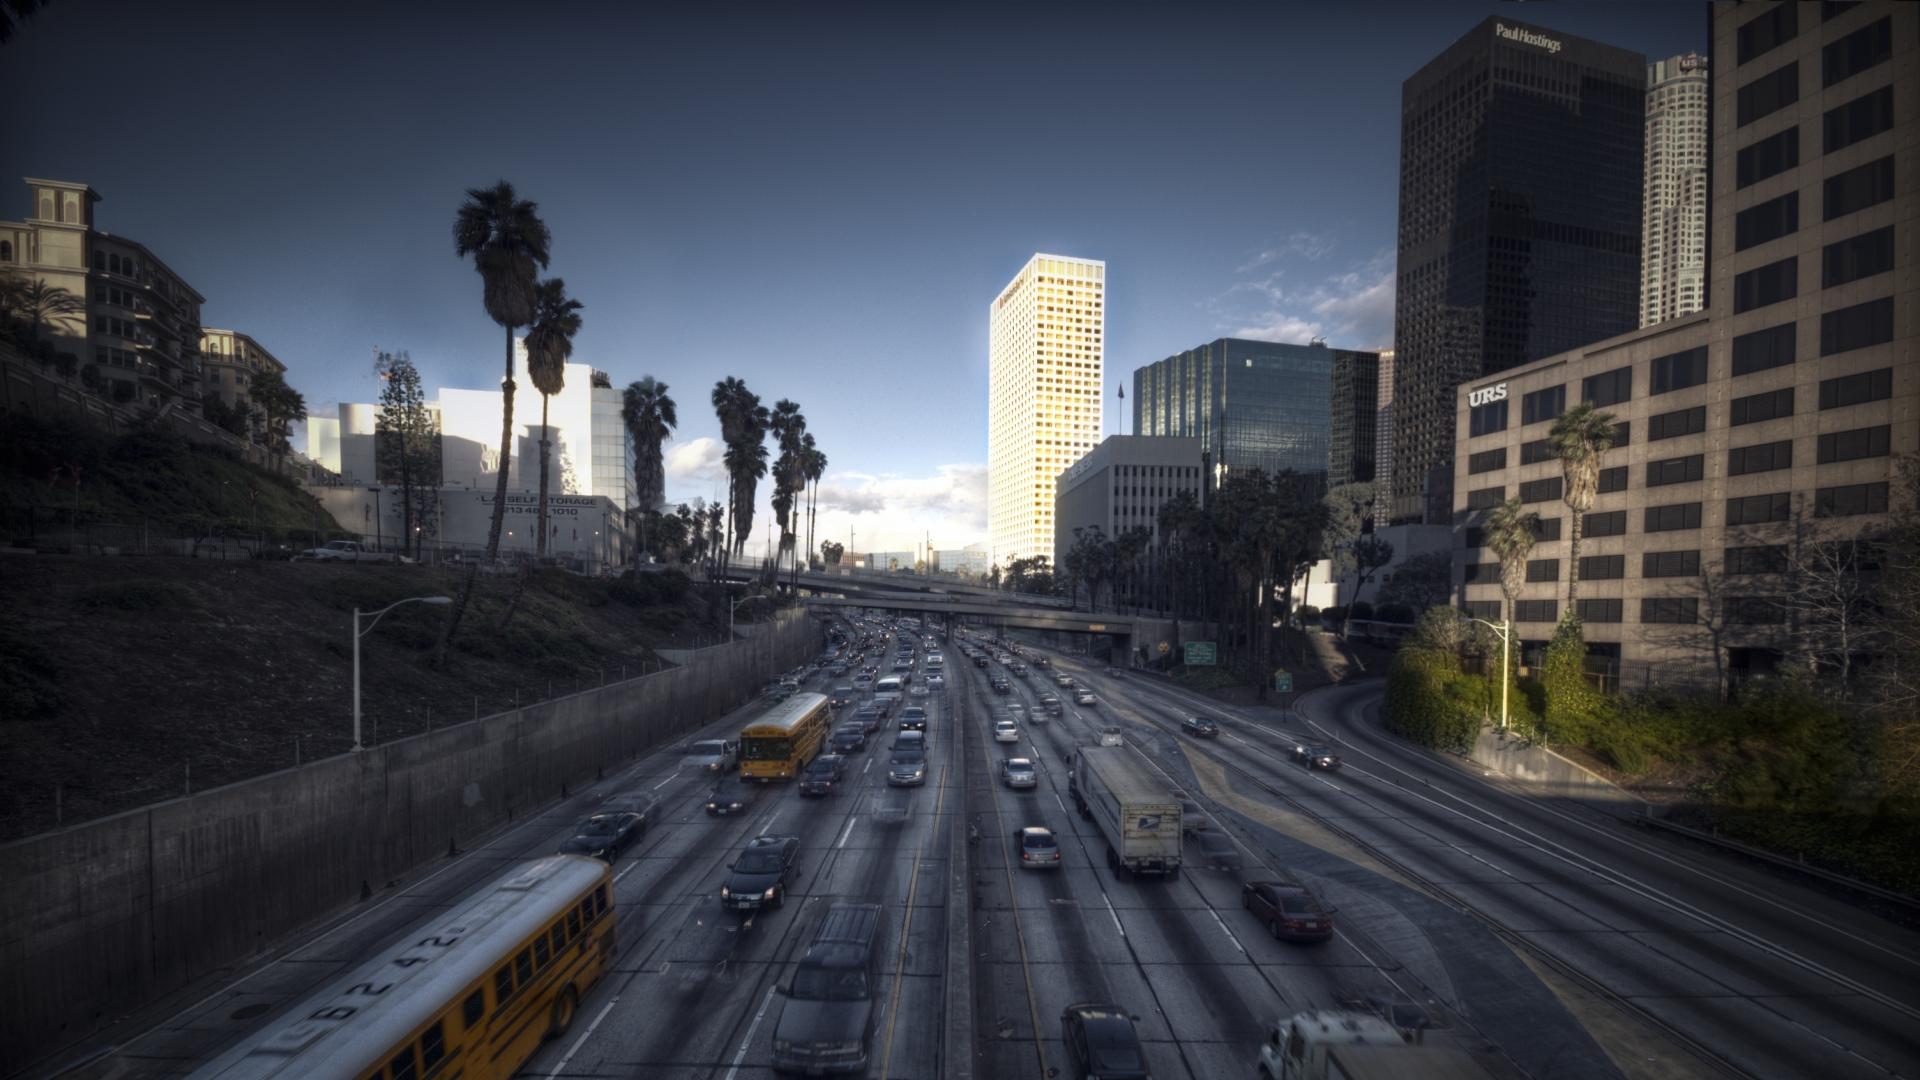 Los Angeles HD Wallpapers 1080p - WallpaperSafari